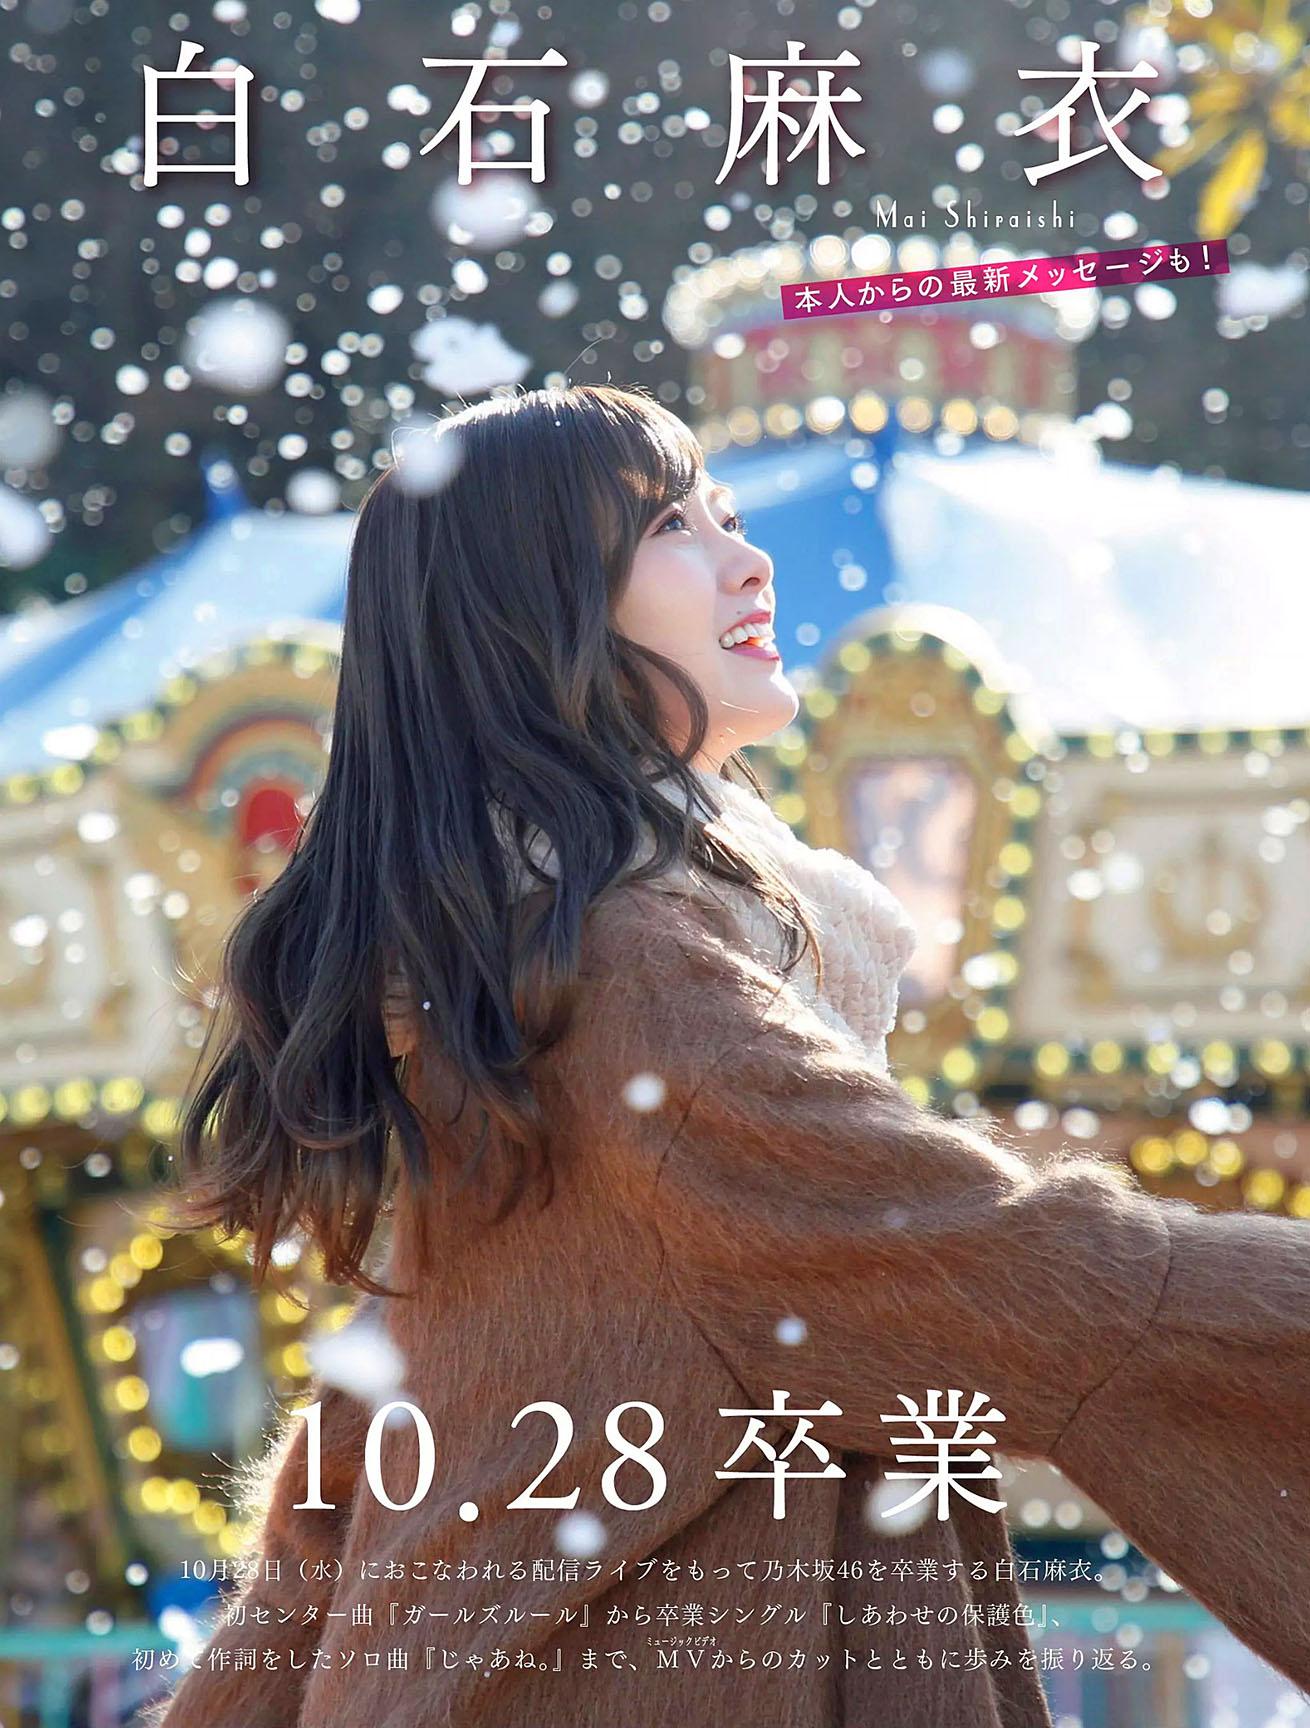 MShiraishi Flash 201110 01.jpg